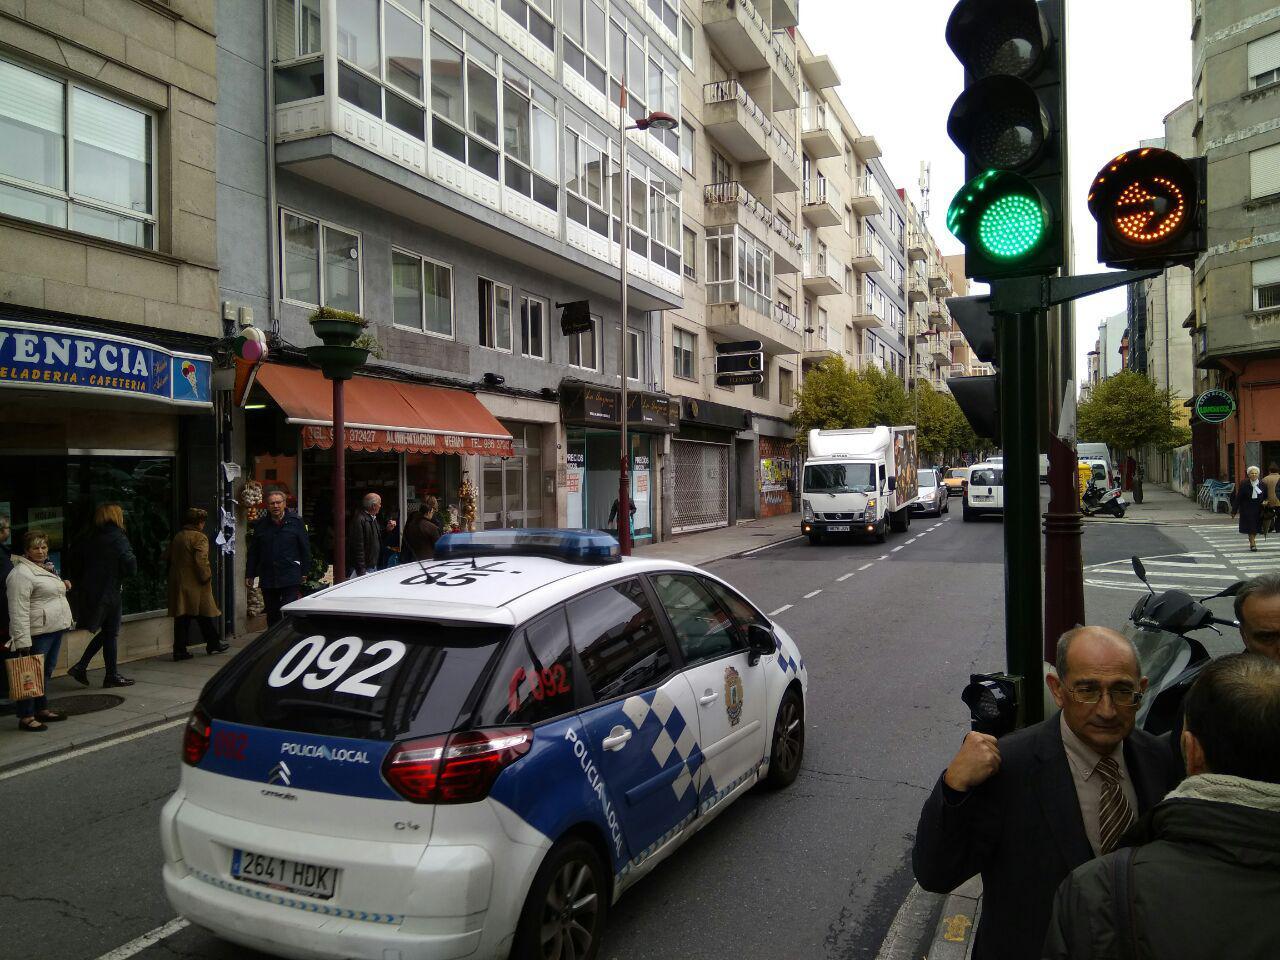 Seis nuevos sem foros regulan el tr fico en sanjurjo bad a for Oficina trafico vigo